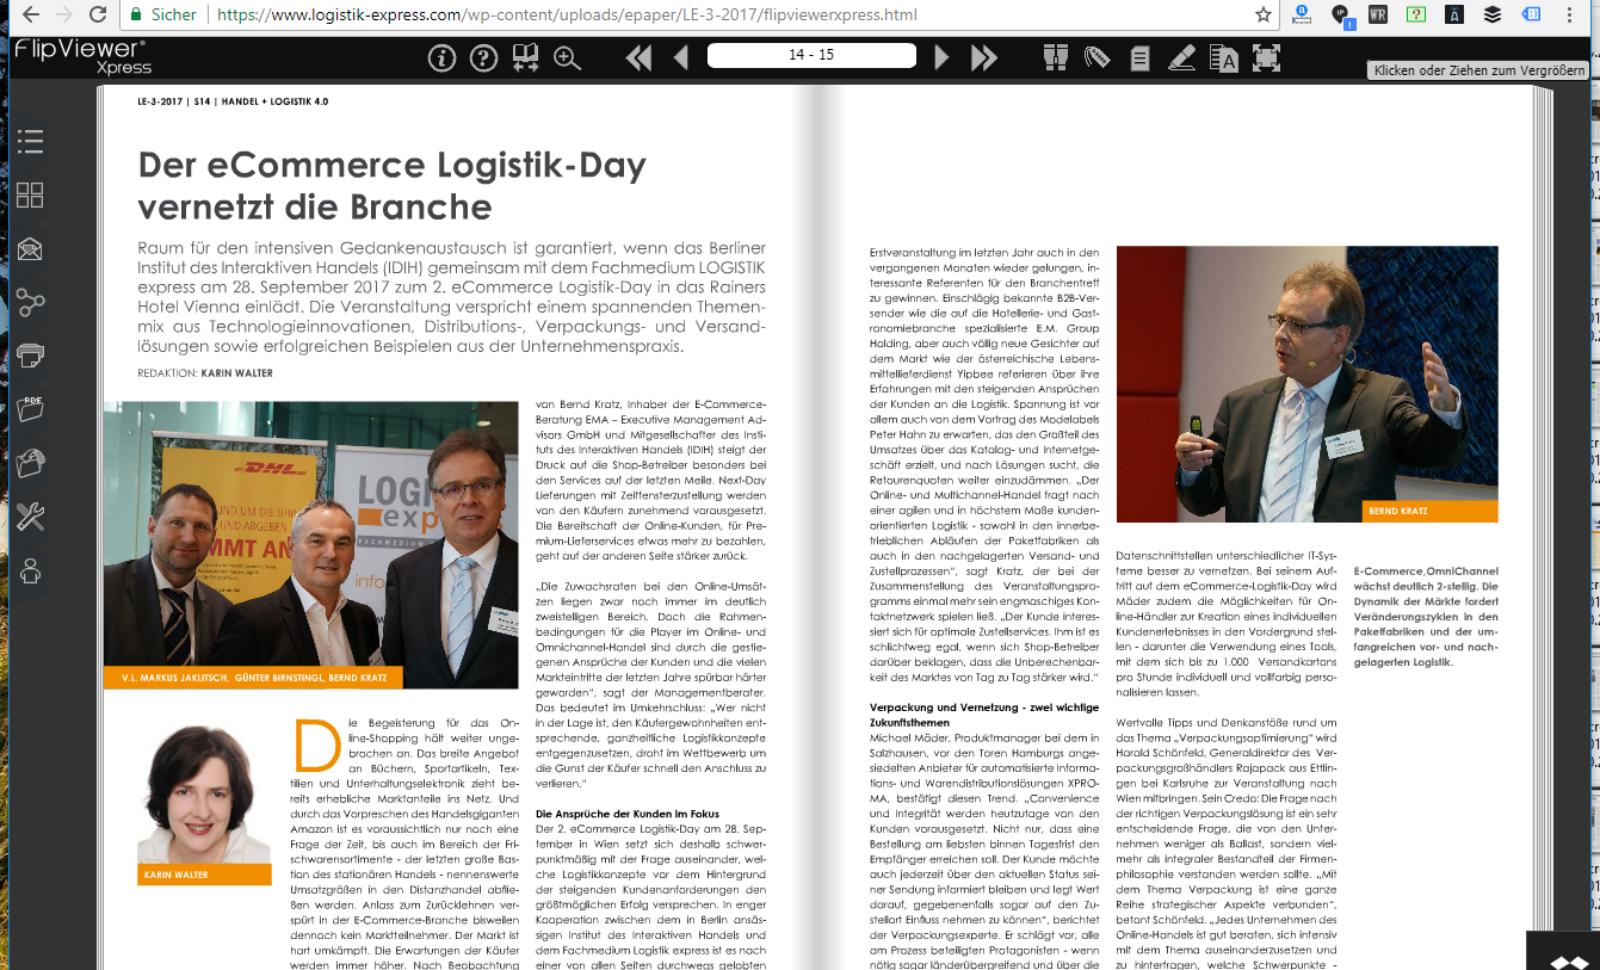 Der eCommerce Logistik-Day vernetzt die Branche – Wien, 28.09.2017